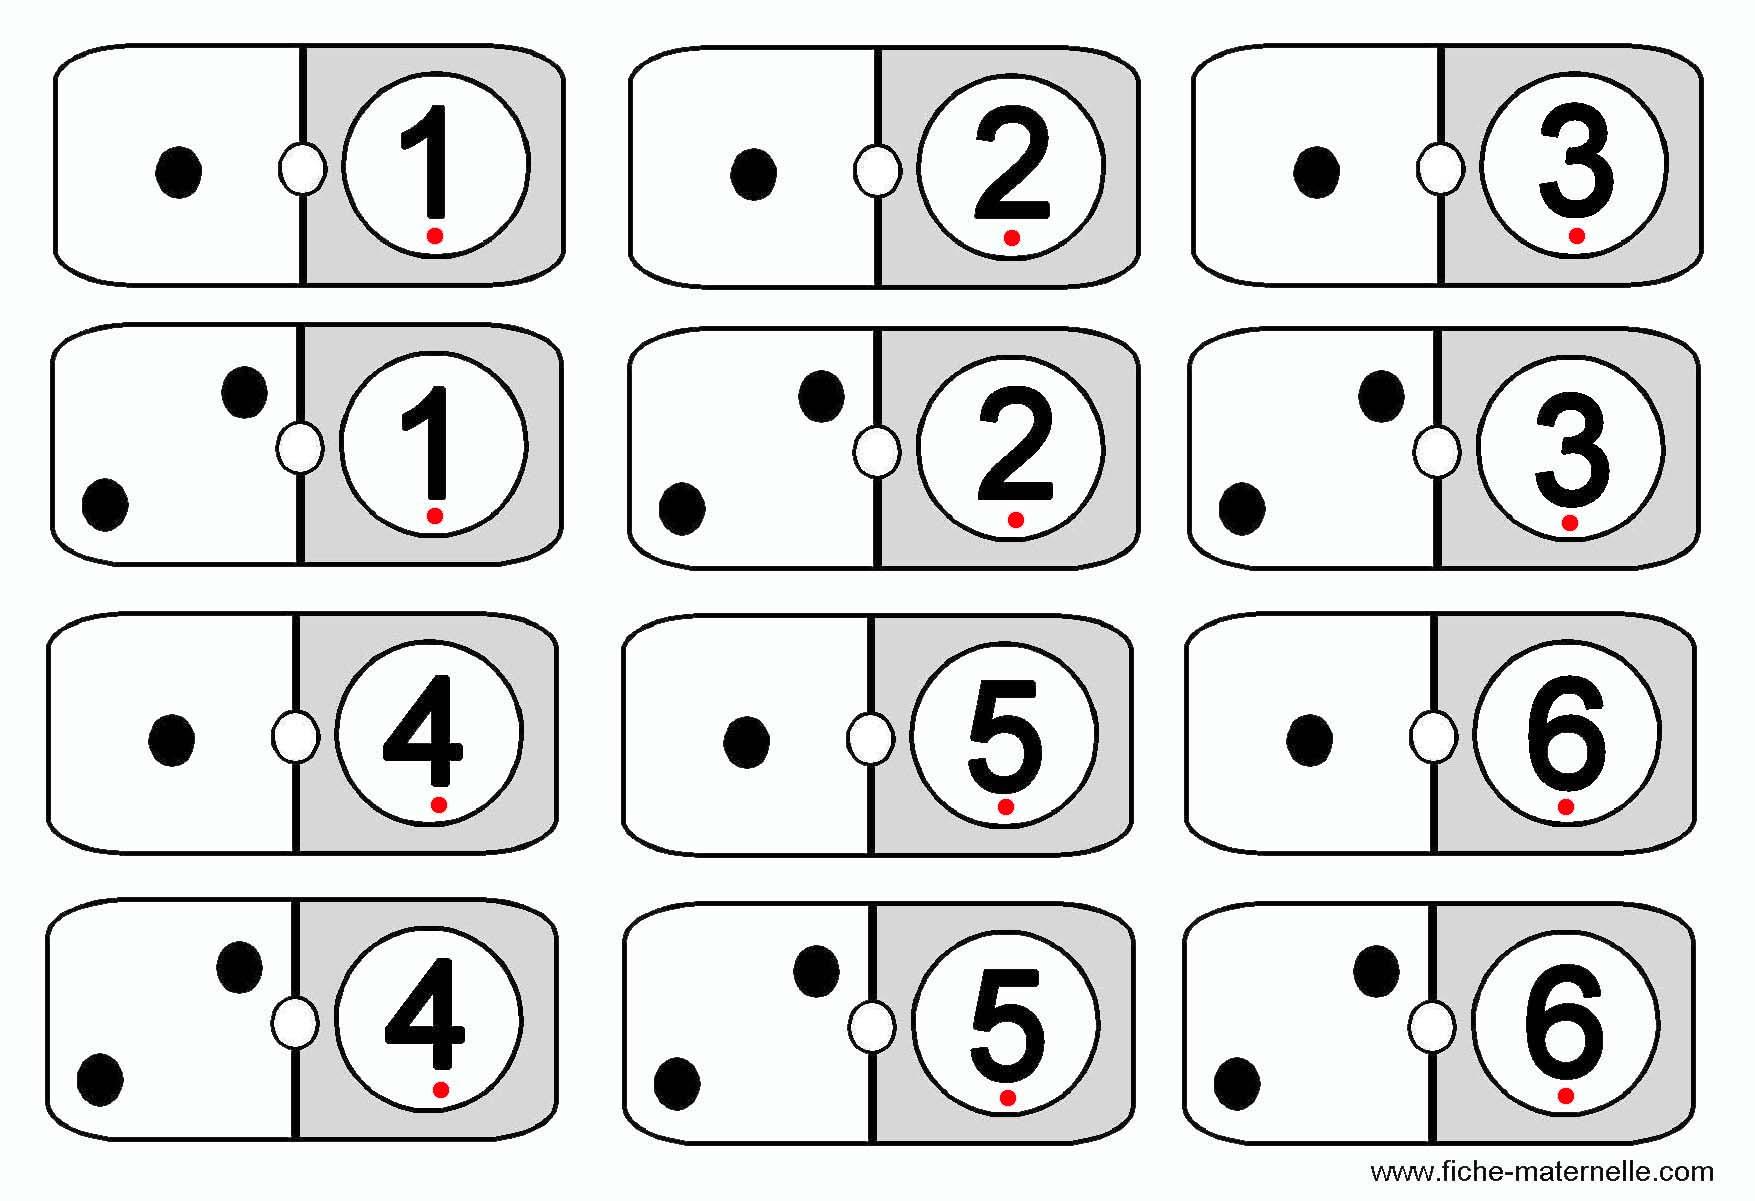 Jeux Mathématiques Pour Apprendre À Compter En Maternelle. pour Dominos À Imprimer